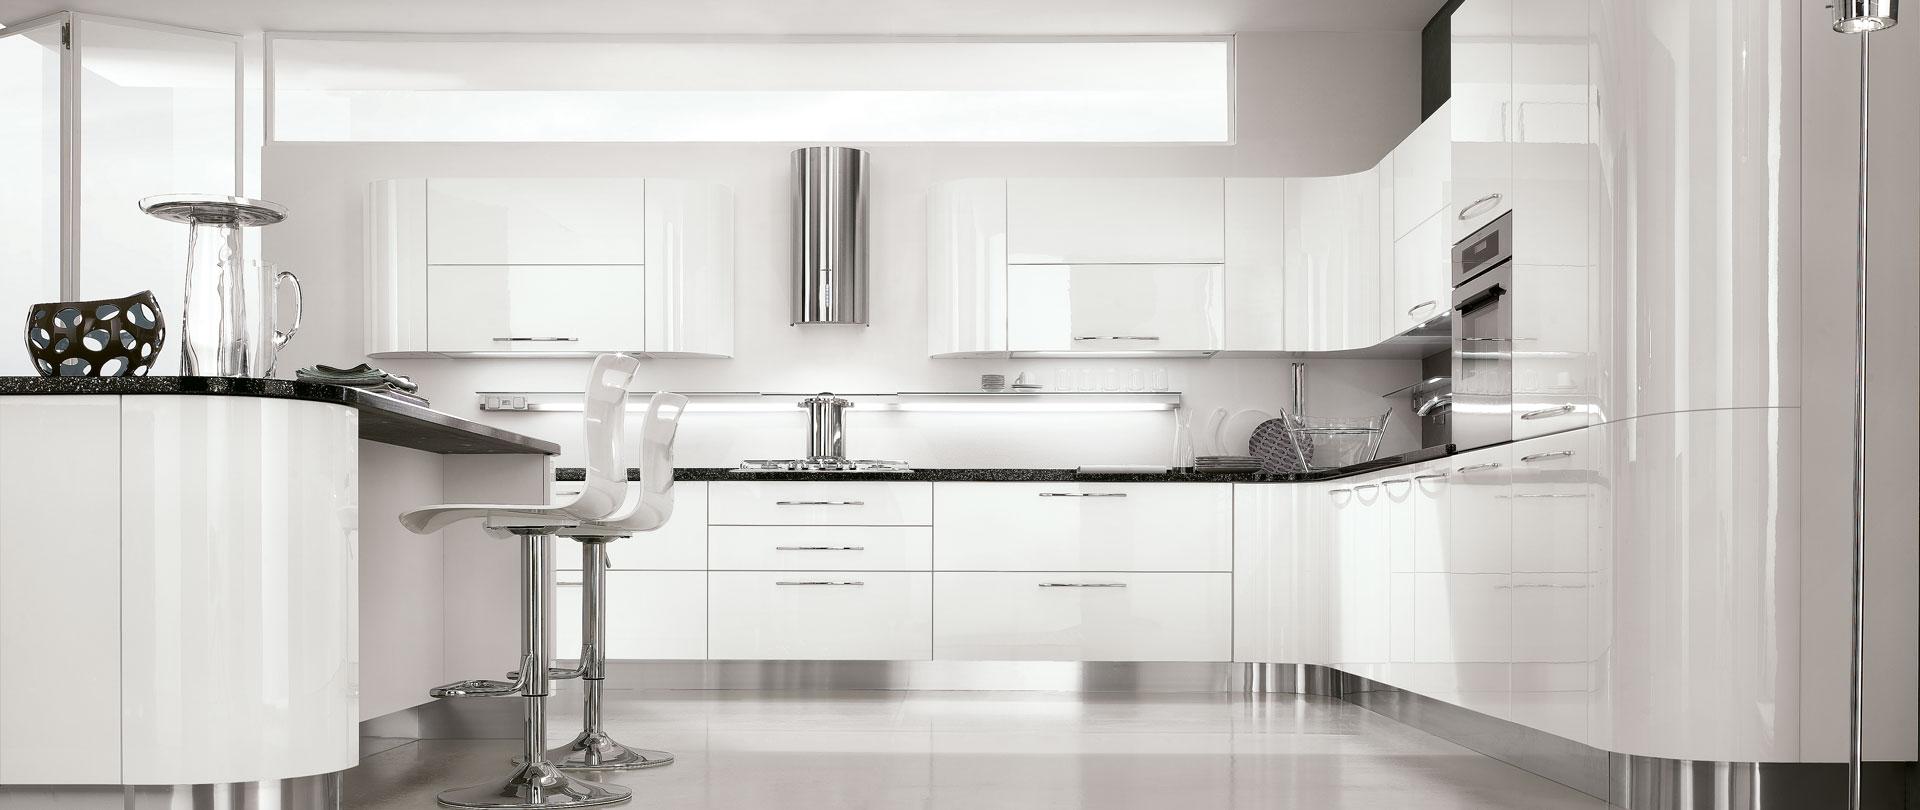 00-cucina-moderna-gaia-bianca-curva - Cucinissima